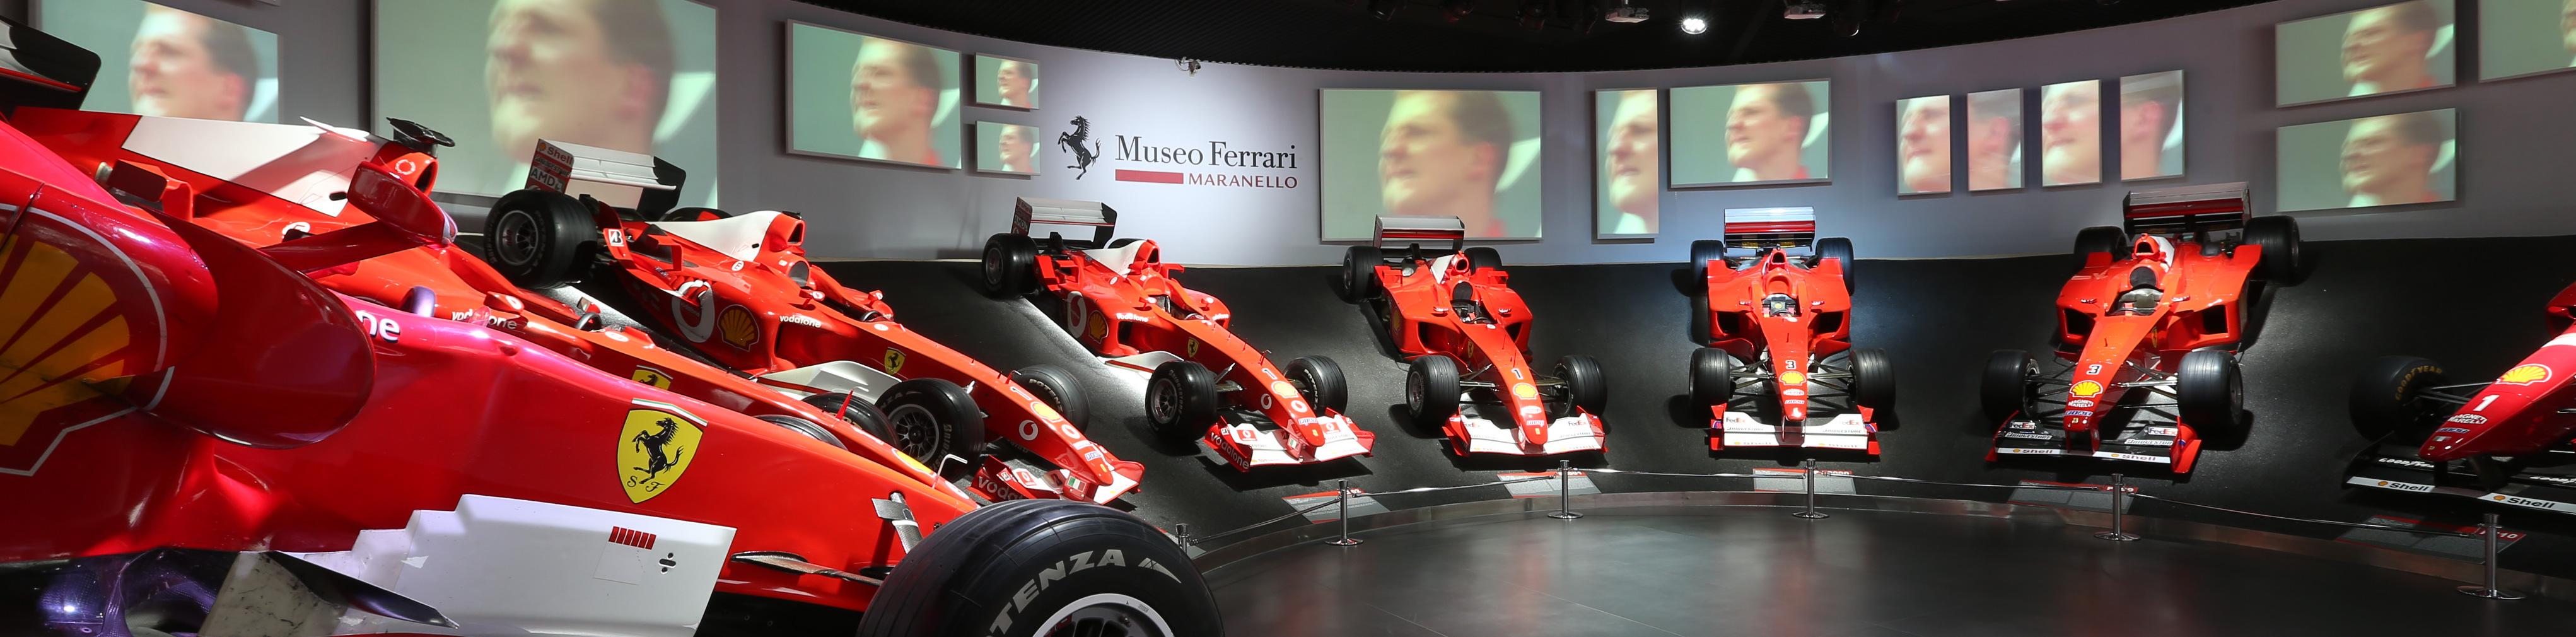 'Michael 50', la exposición en honor a Schumacher se inauguró hoy